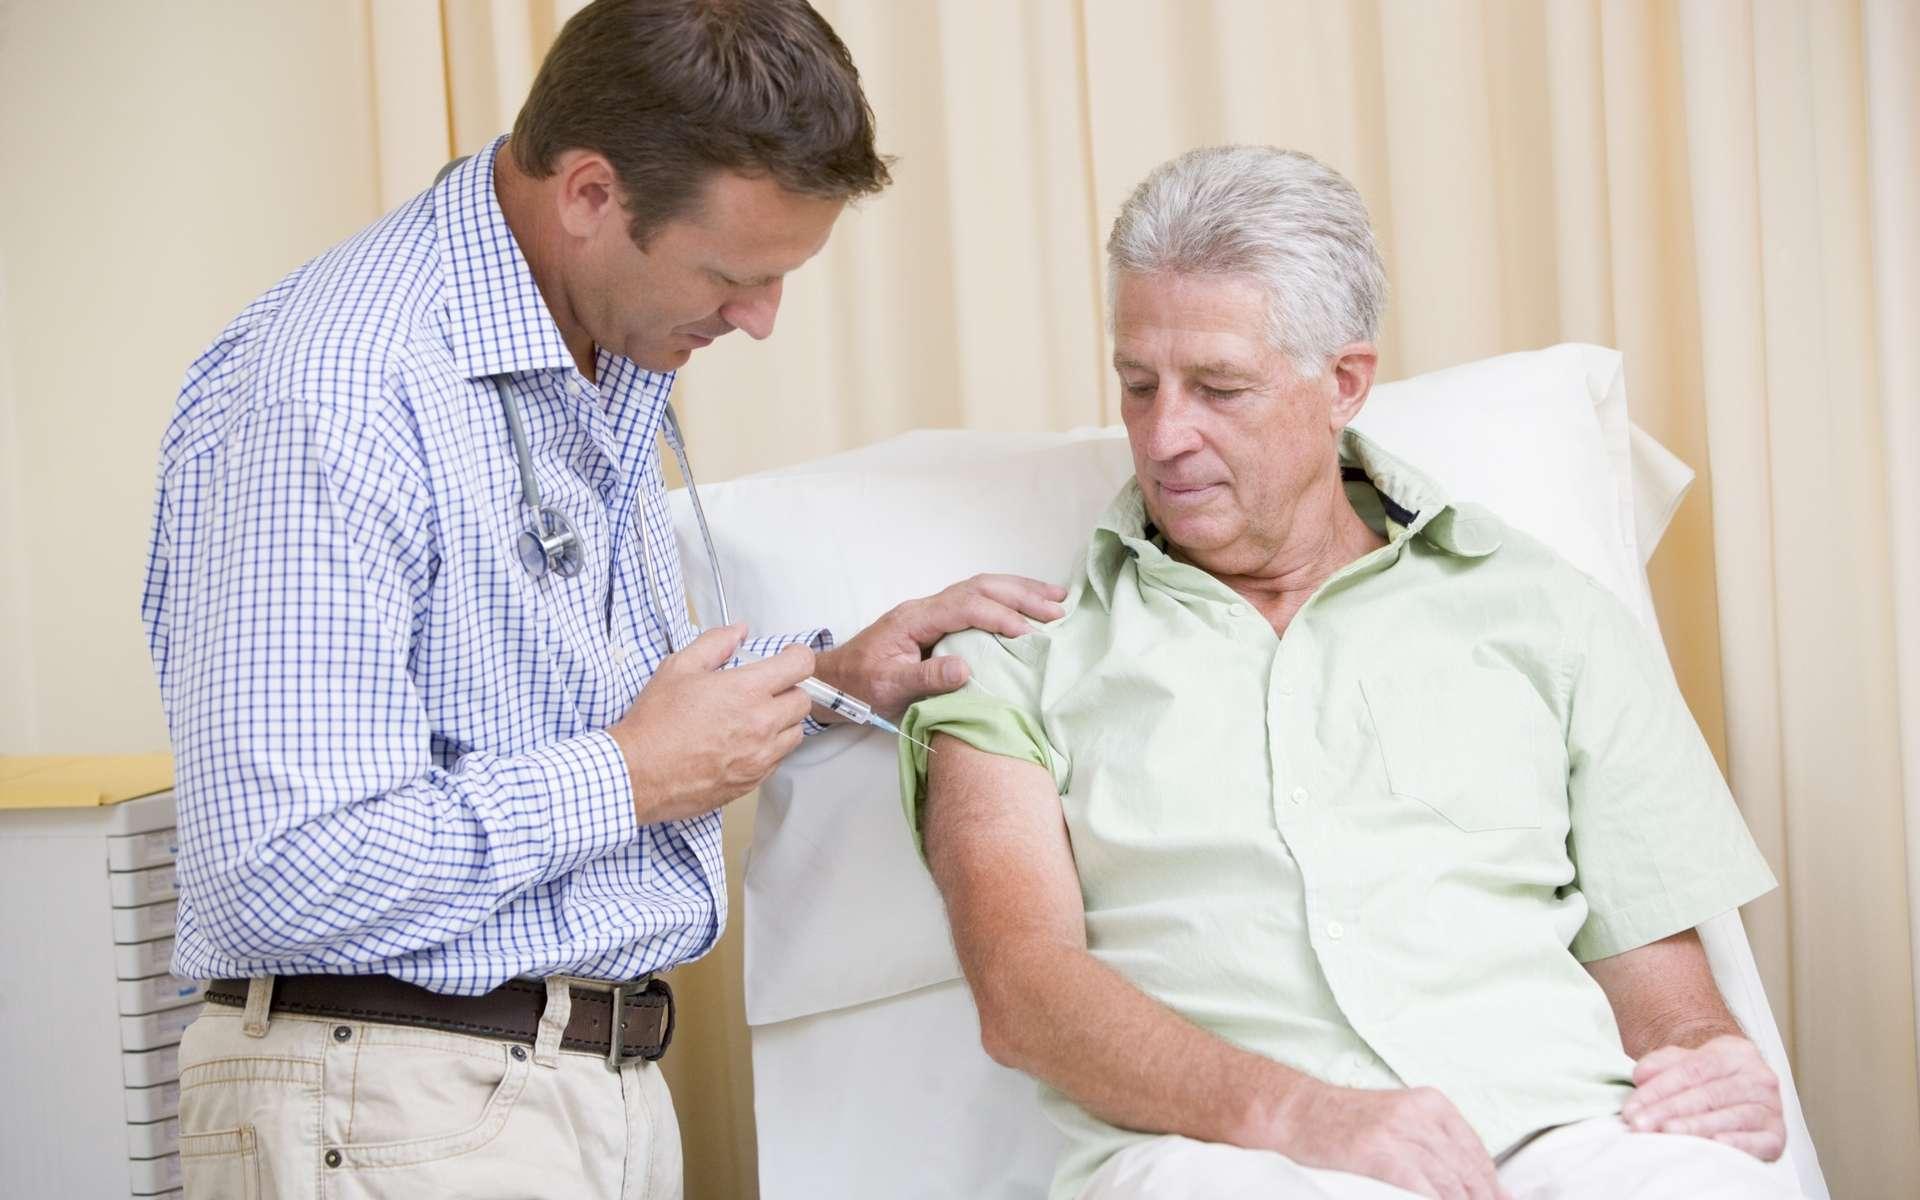 L'immunogénicité, la capacité d'un antigène à provoquer une réponse immunitaire, dépend notamment de l'âge du patient. © Phovoir